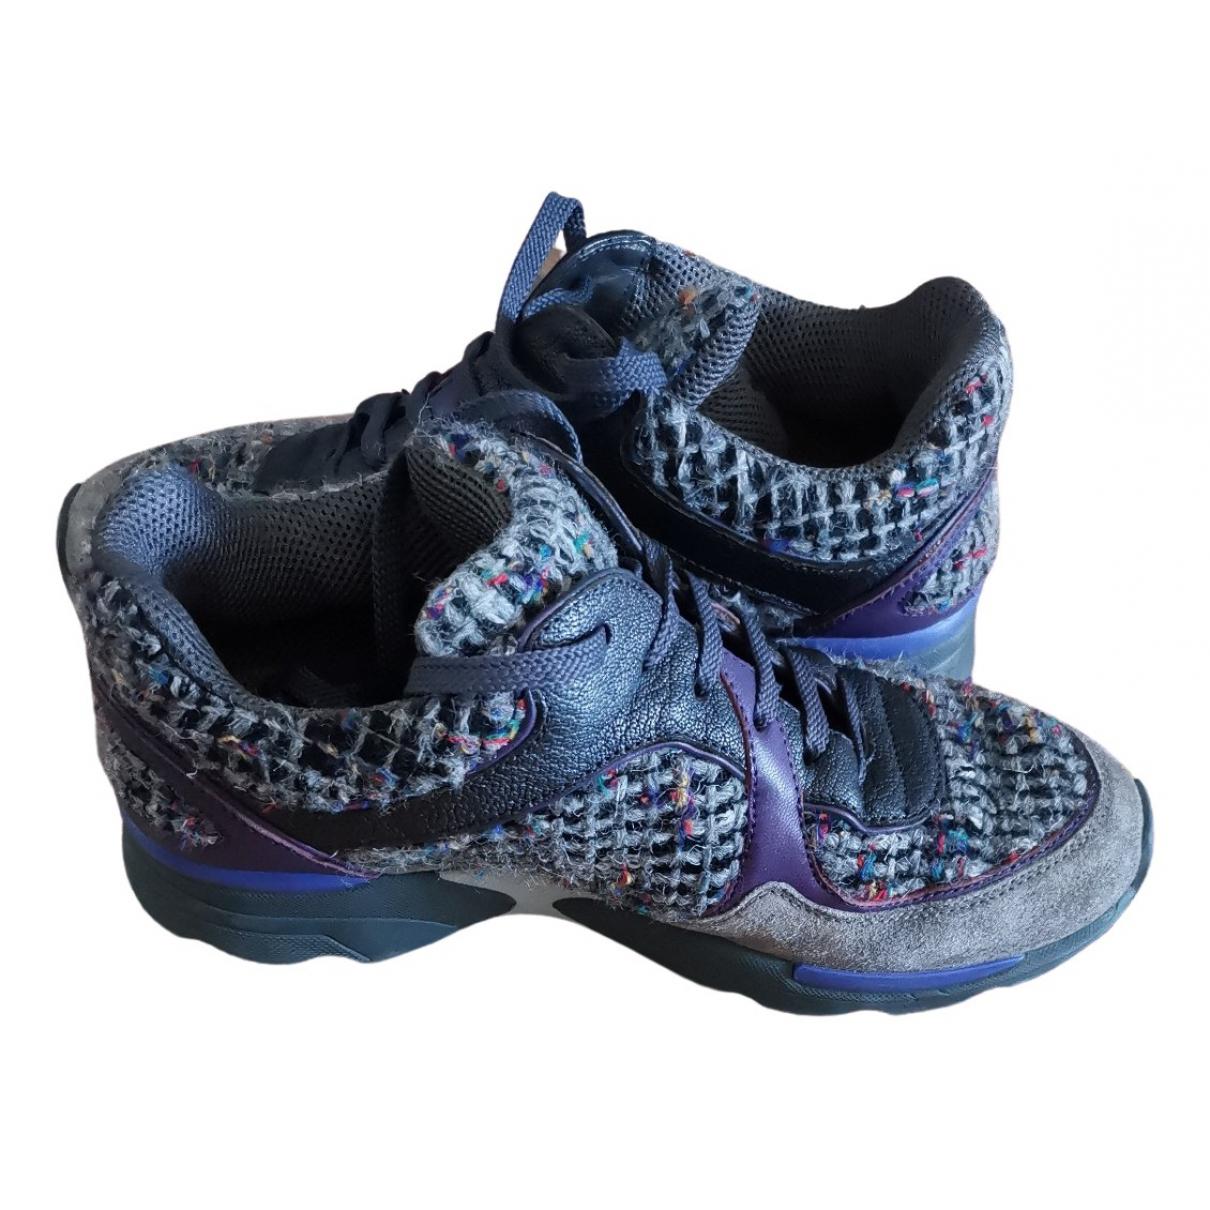 Chanel \N Sneakers in  Grau Tweed